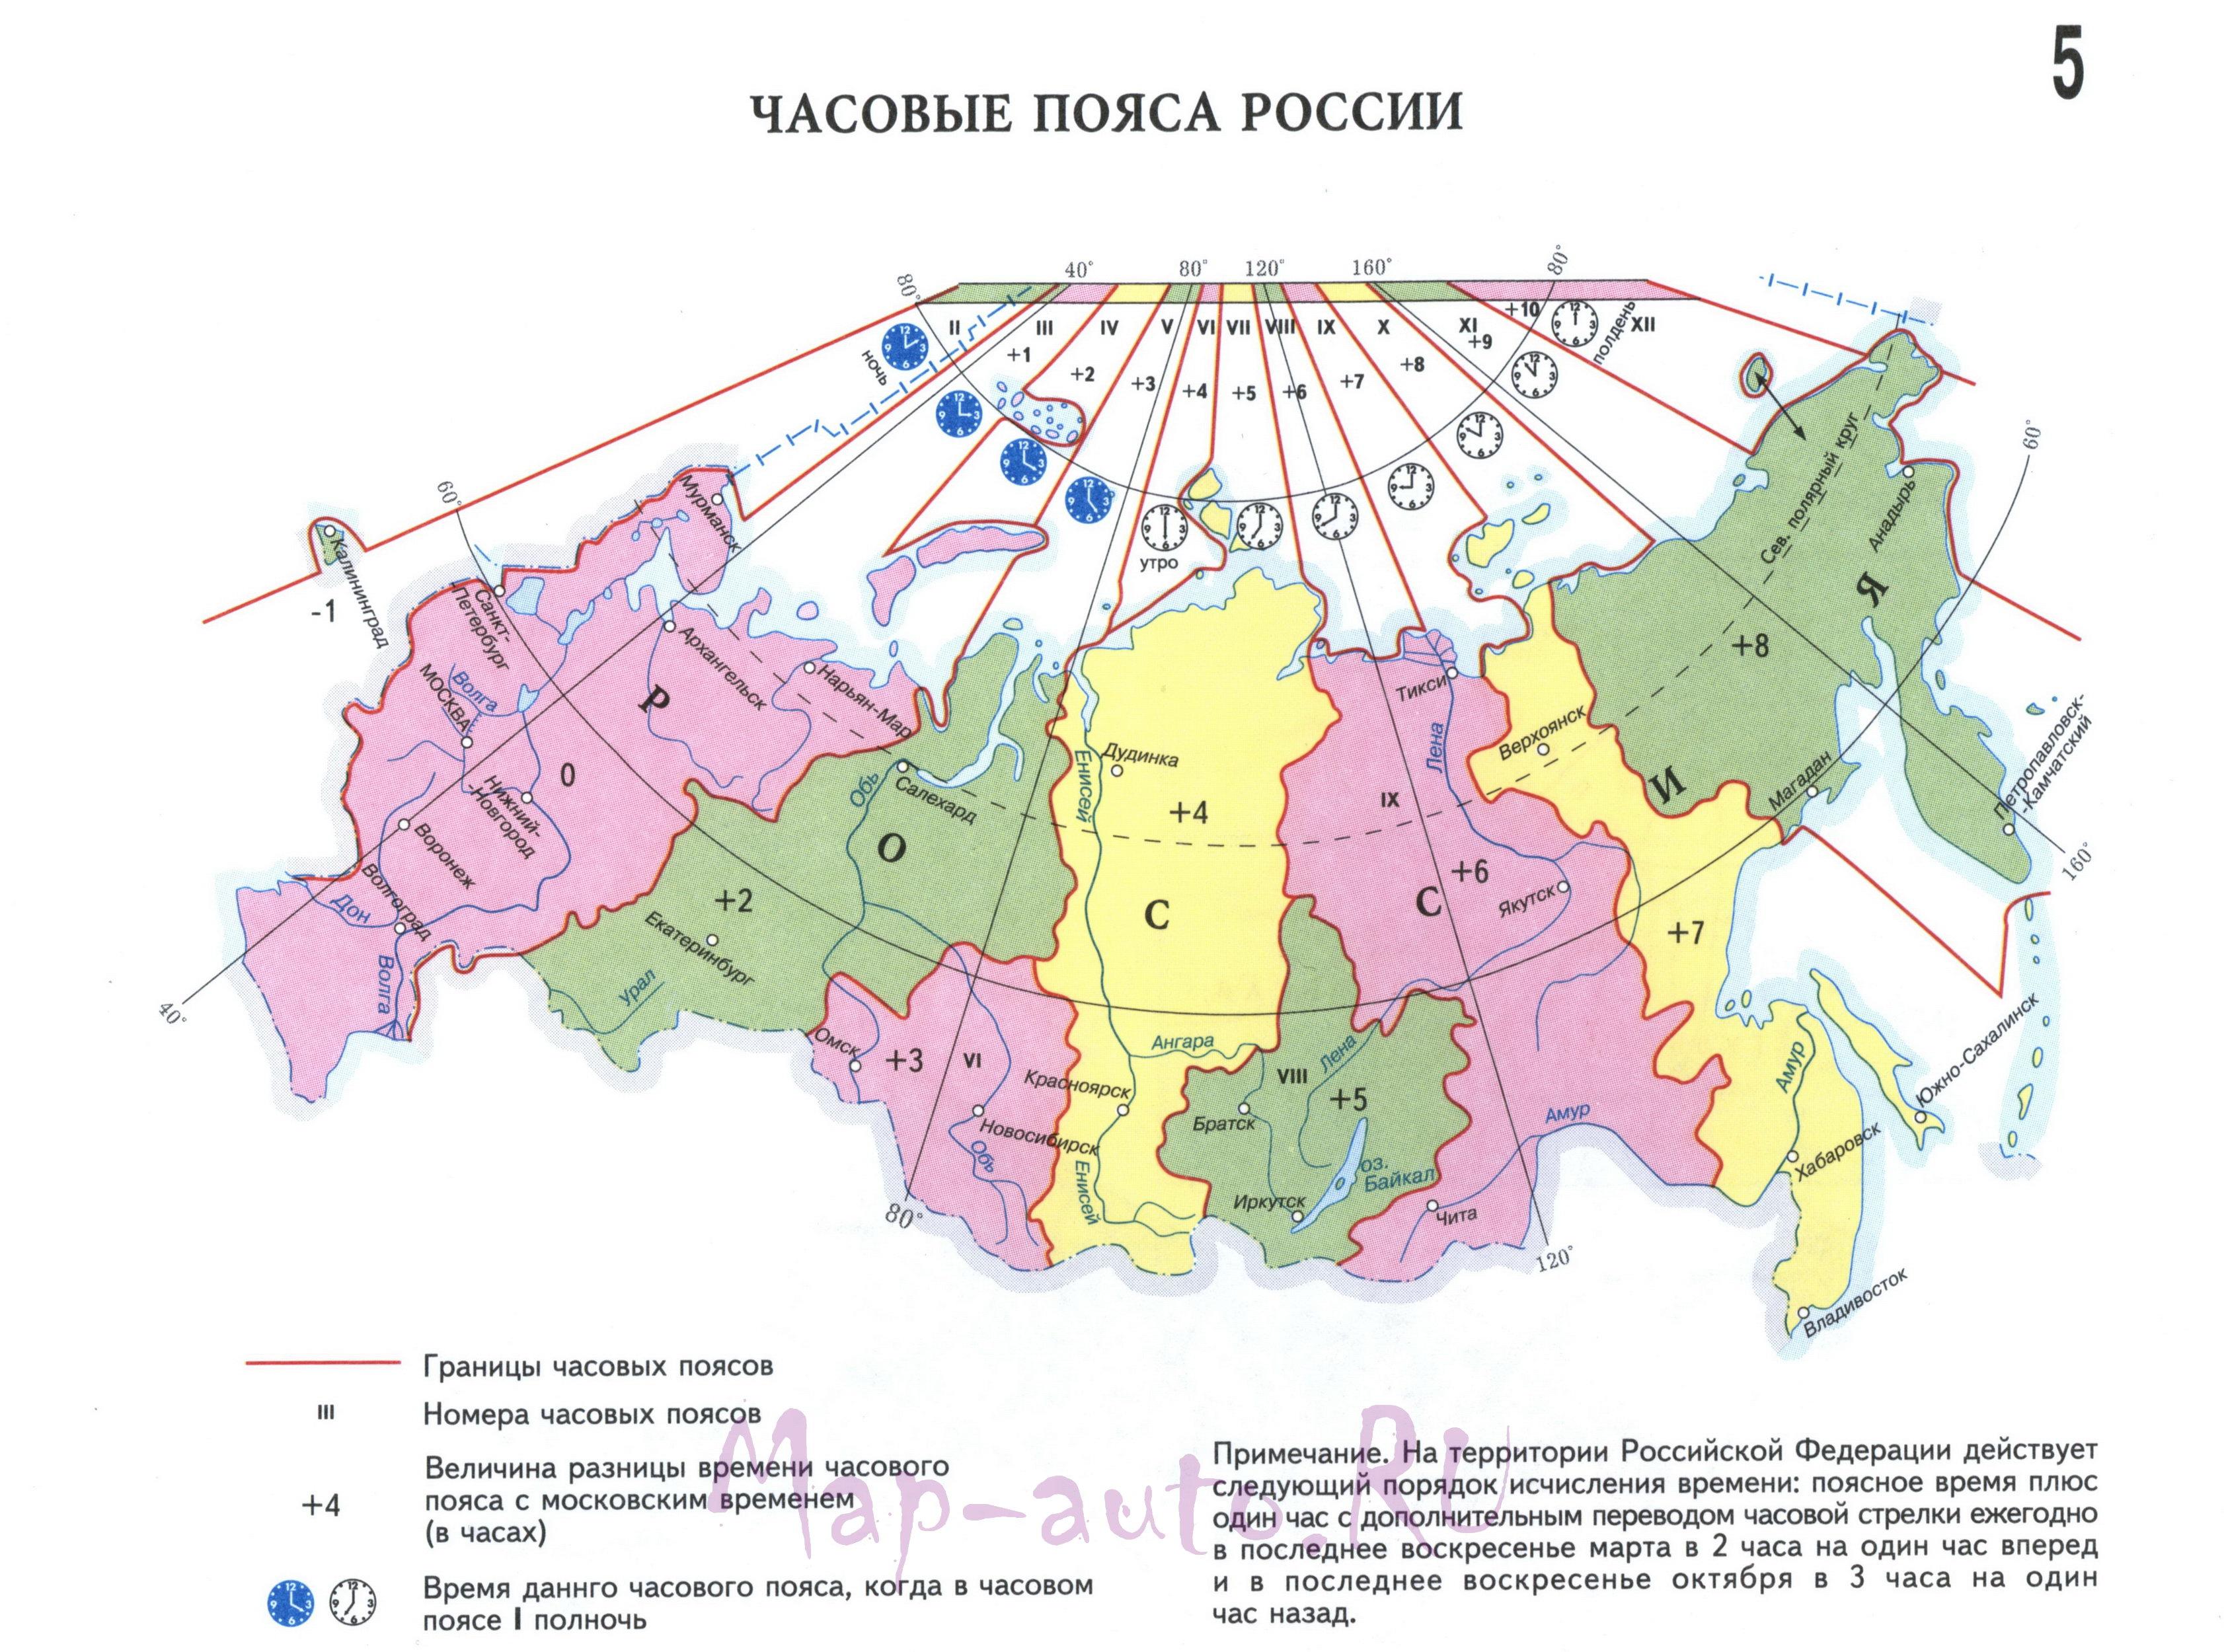 Скачать бесплатно карту схема часовых поясов России.